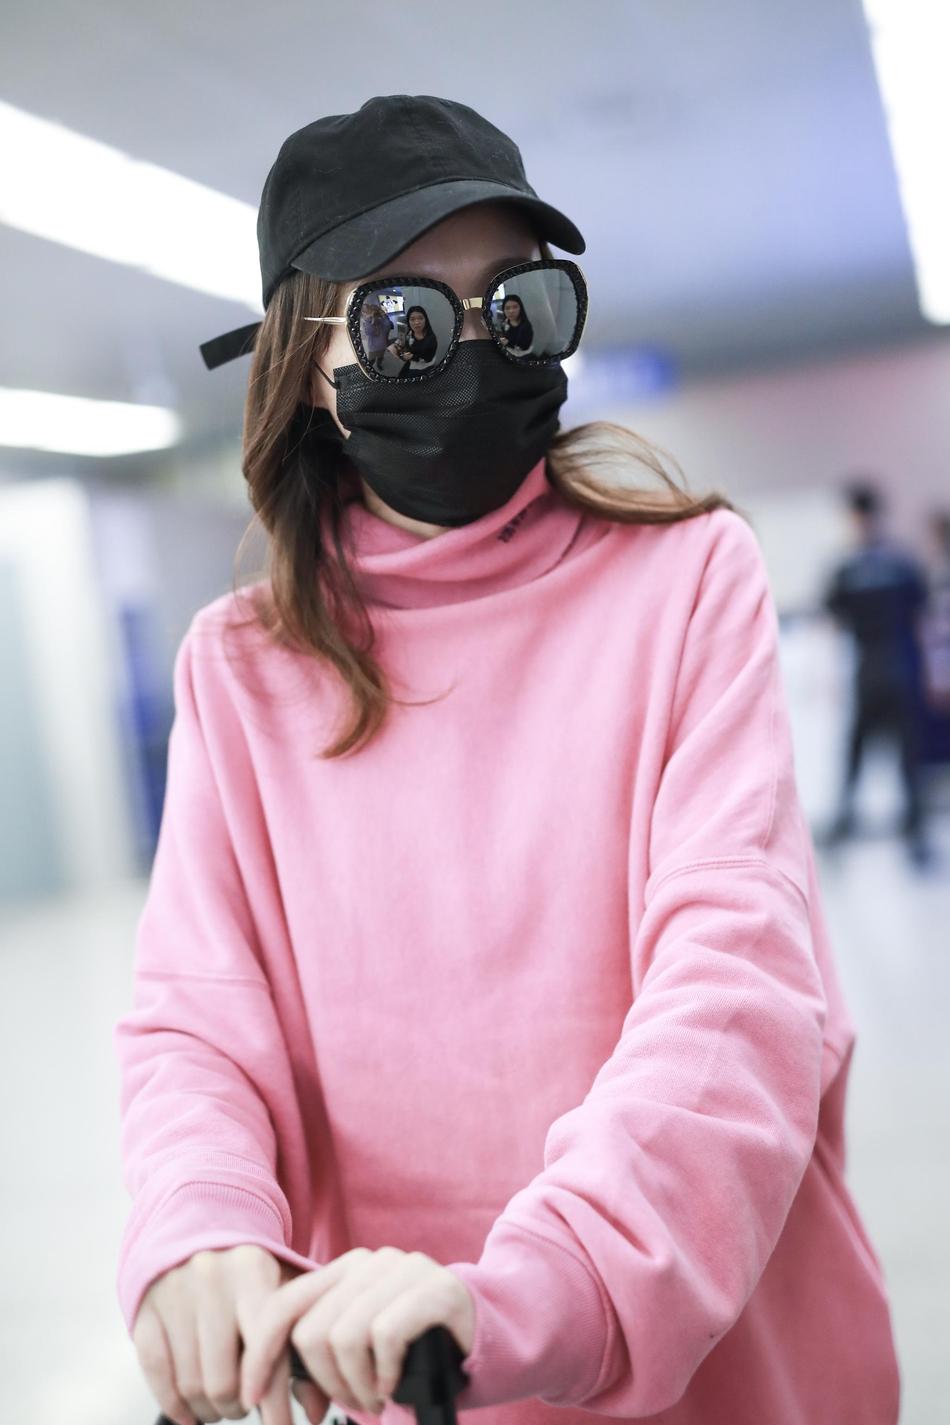 现身机场。她戴着帽子口罩十分